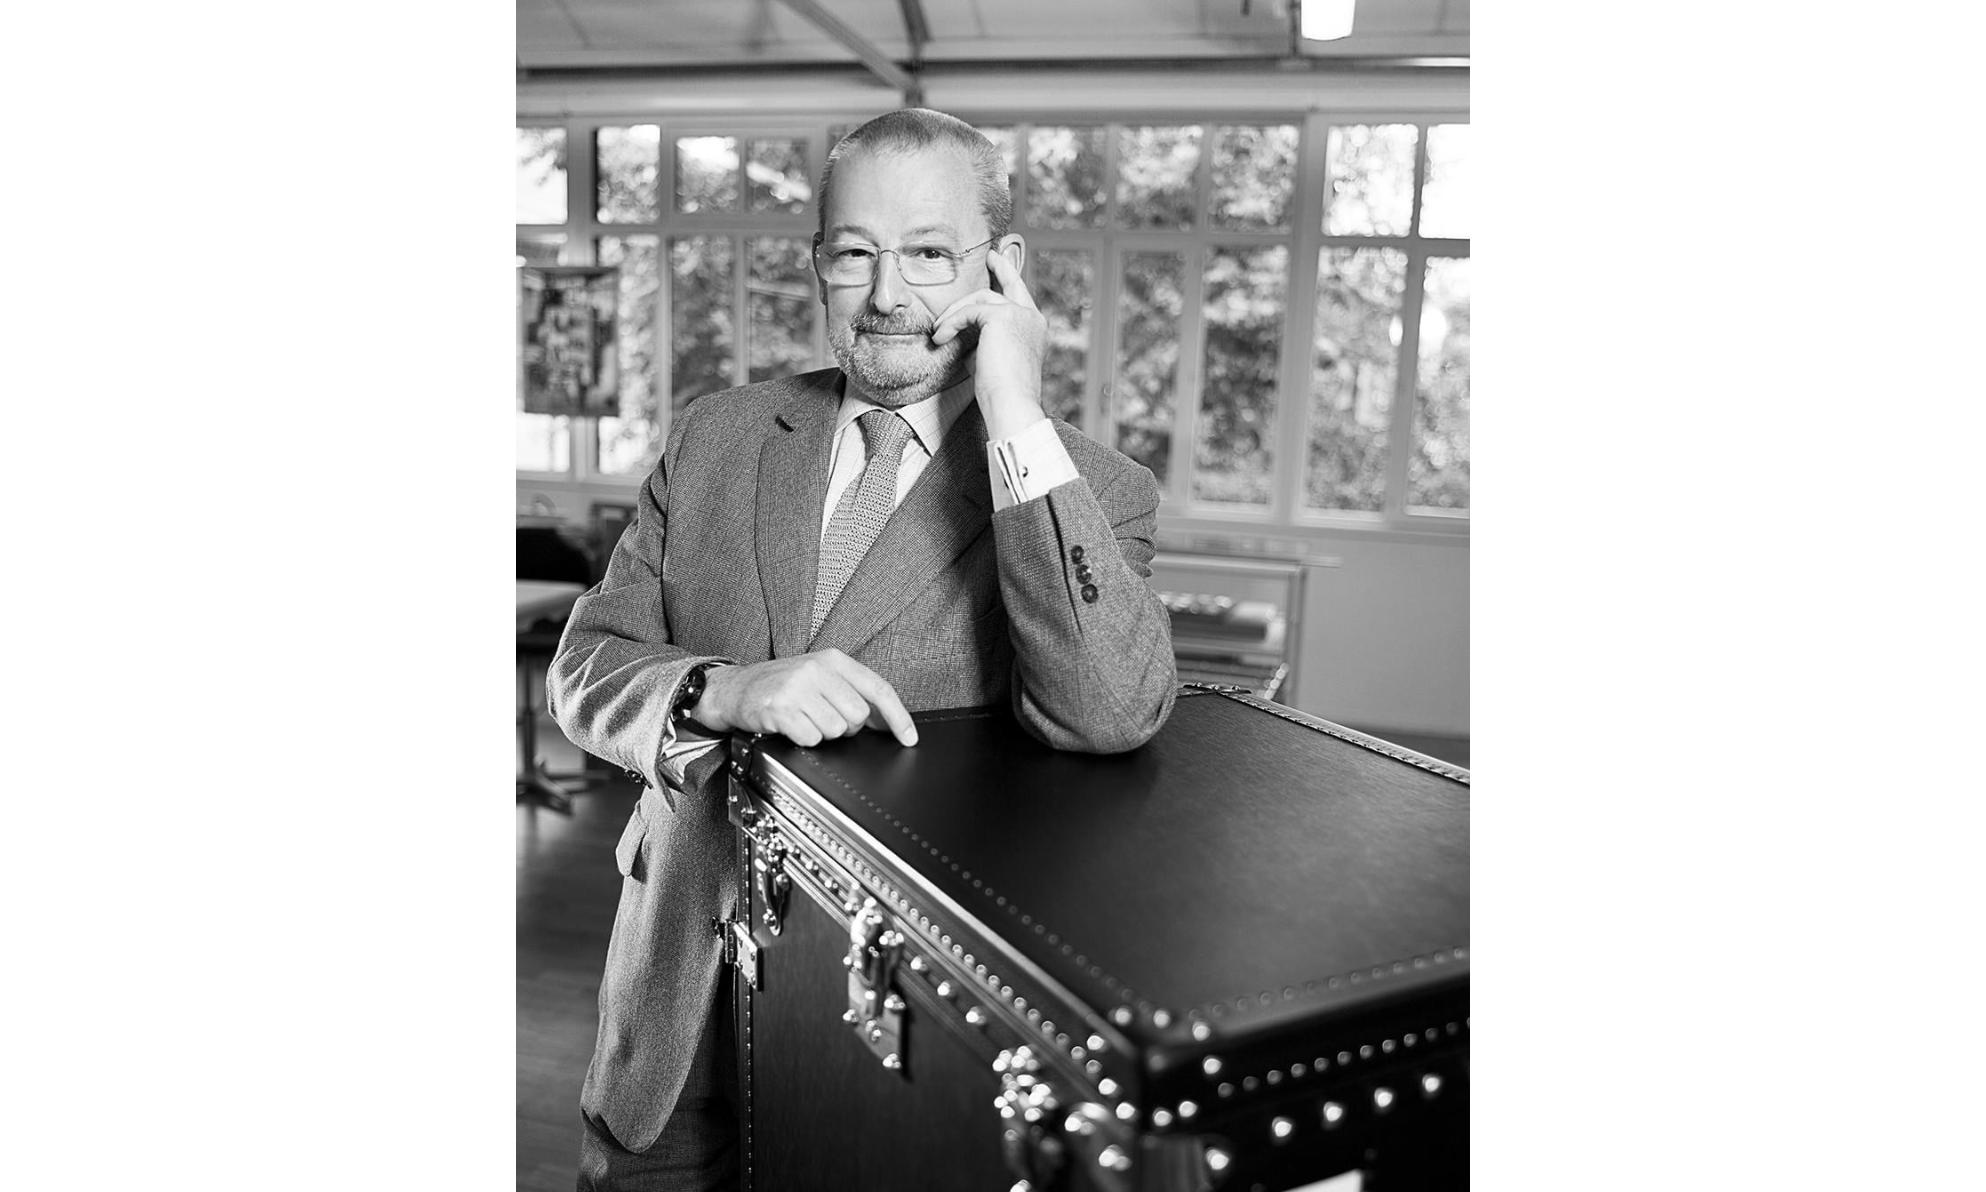 LV 第五代传人 Patrick-Louis Vuitton 去世